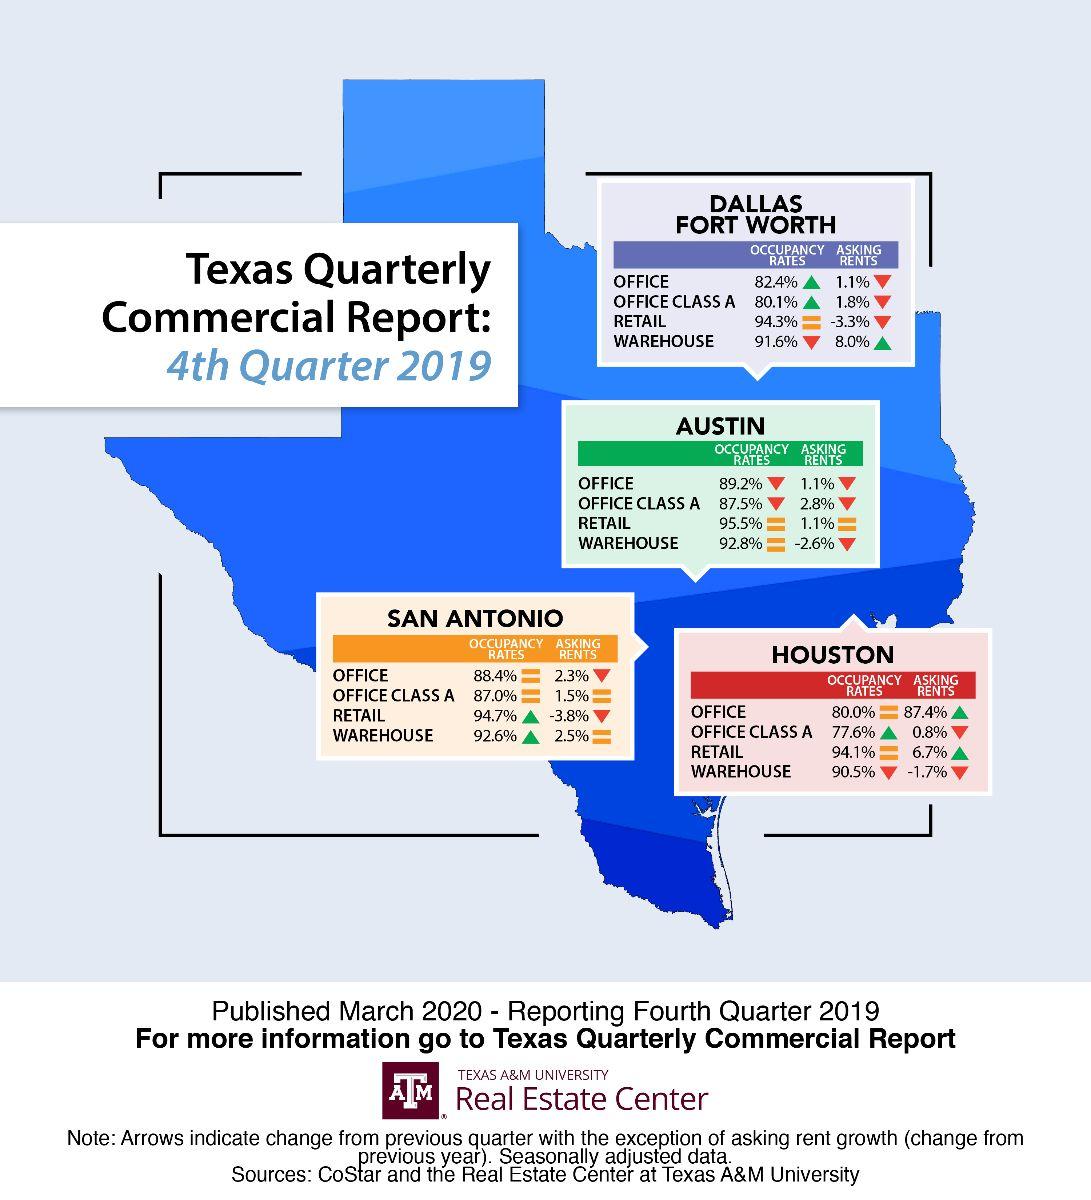 Texas Quarterly Commercial Report: 4th Quarter 2019